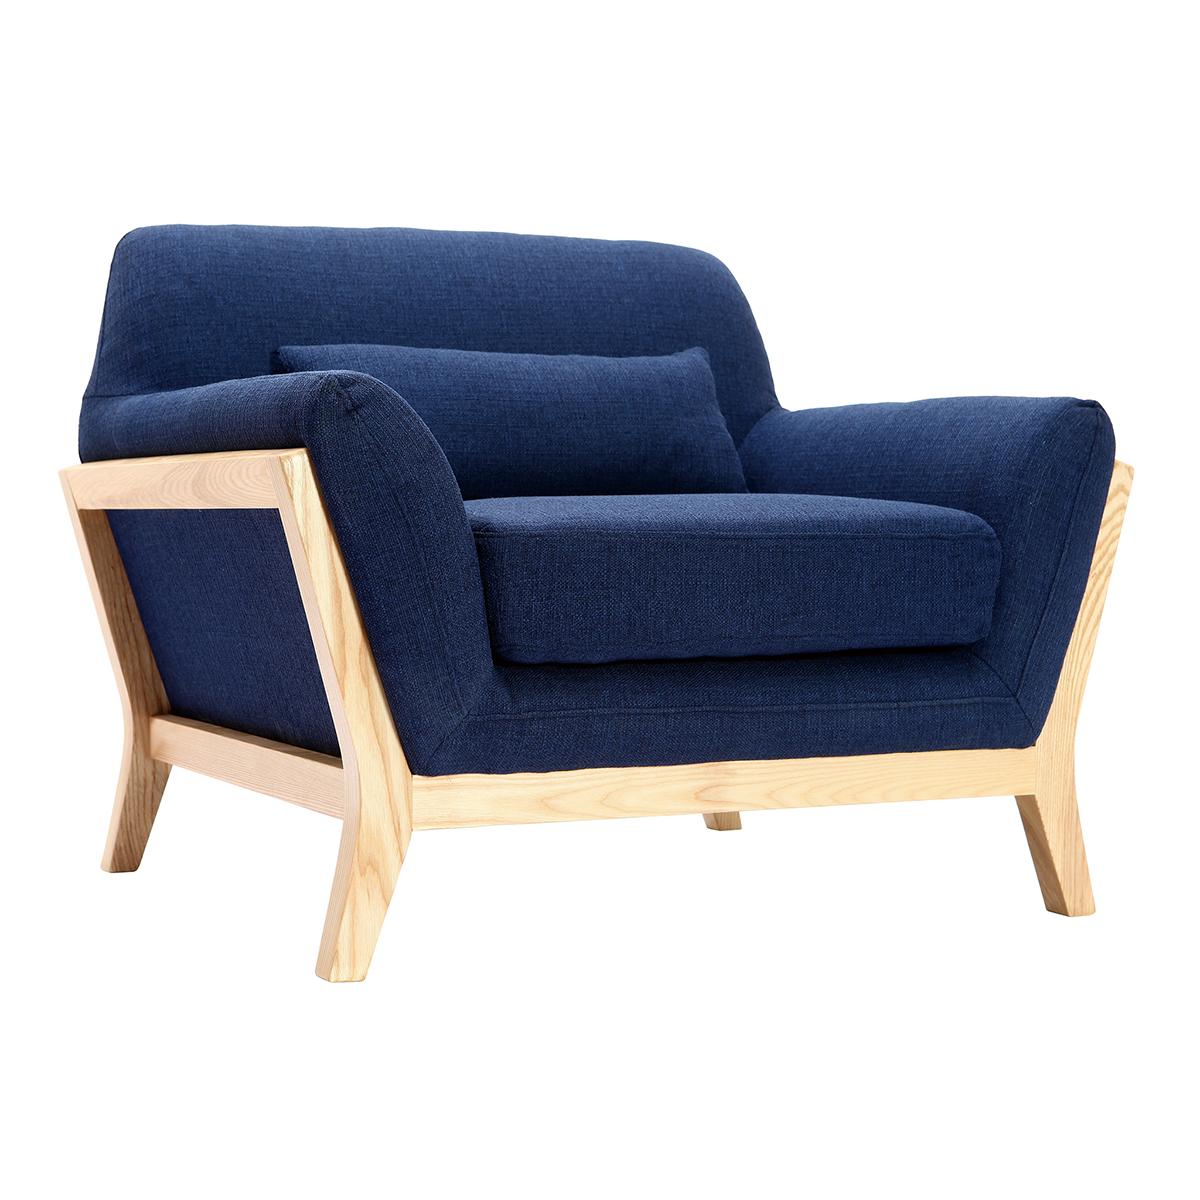 Poltrona design blu scuro piedi legno YOKO